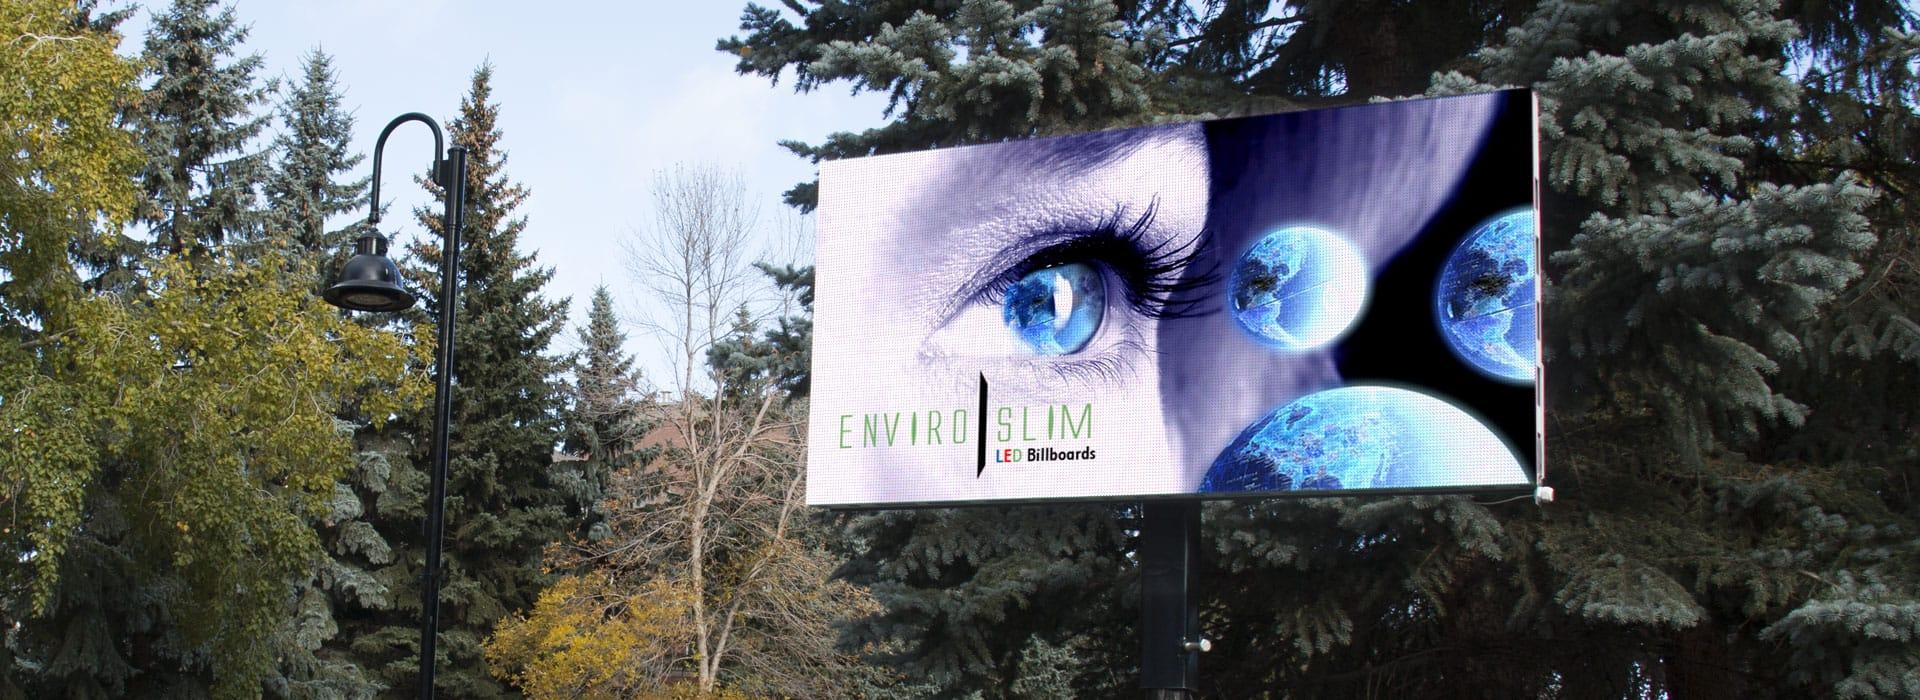 Enviroslim LED Signs Billboards